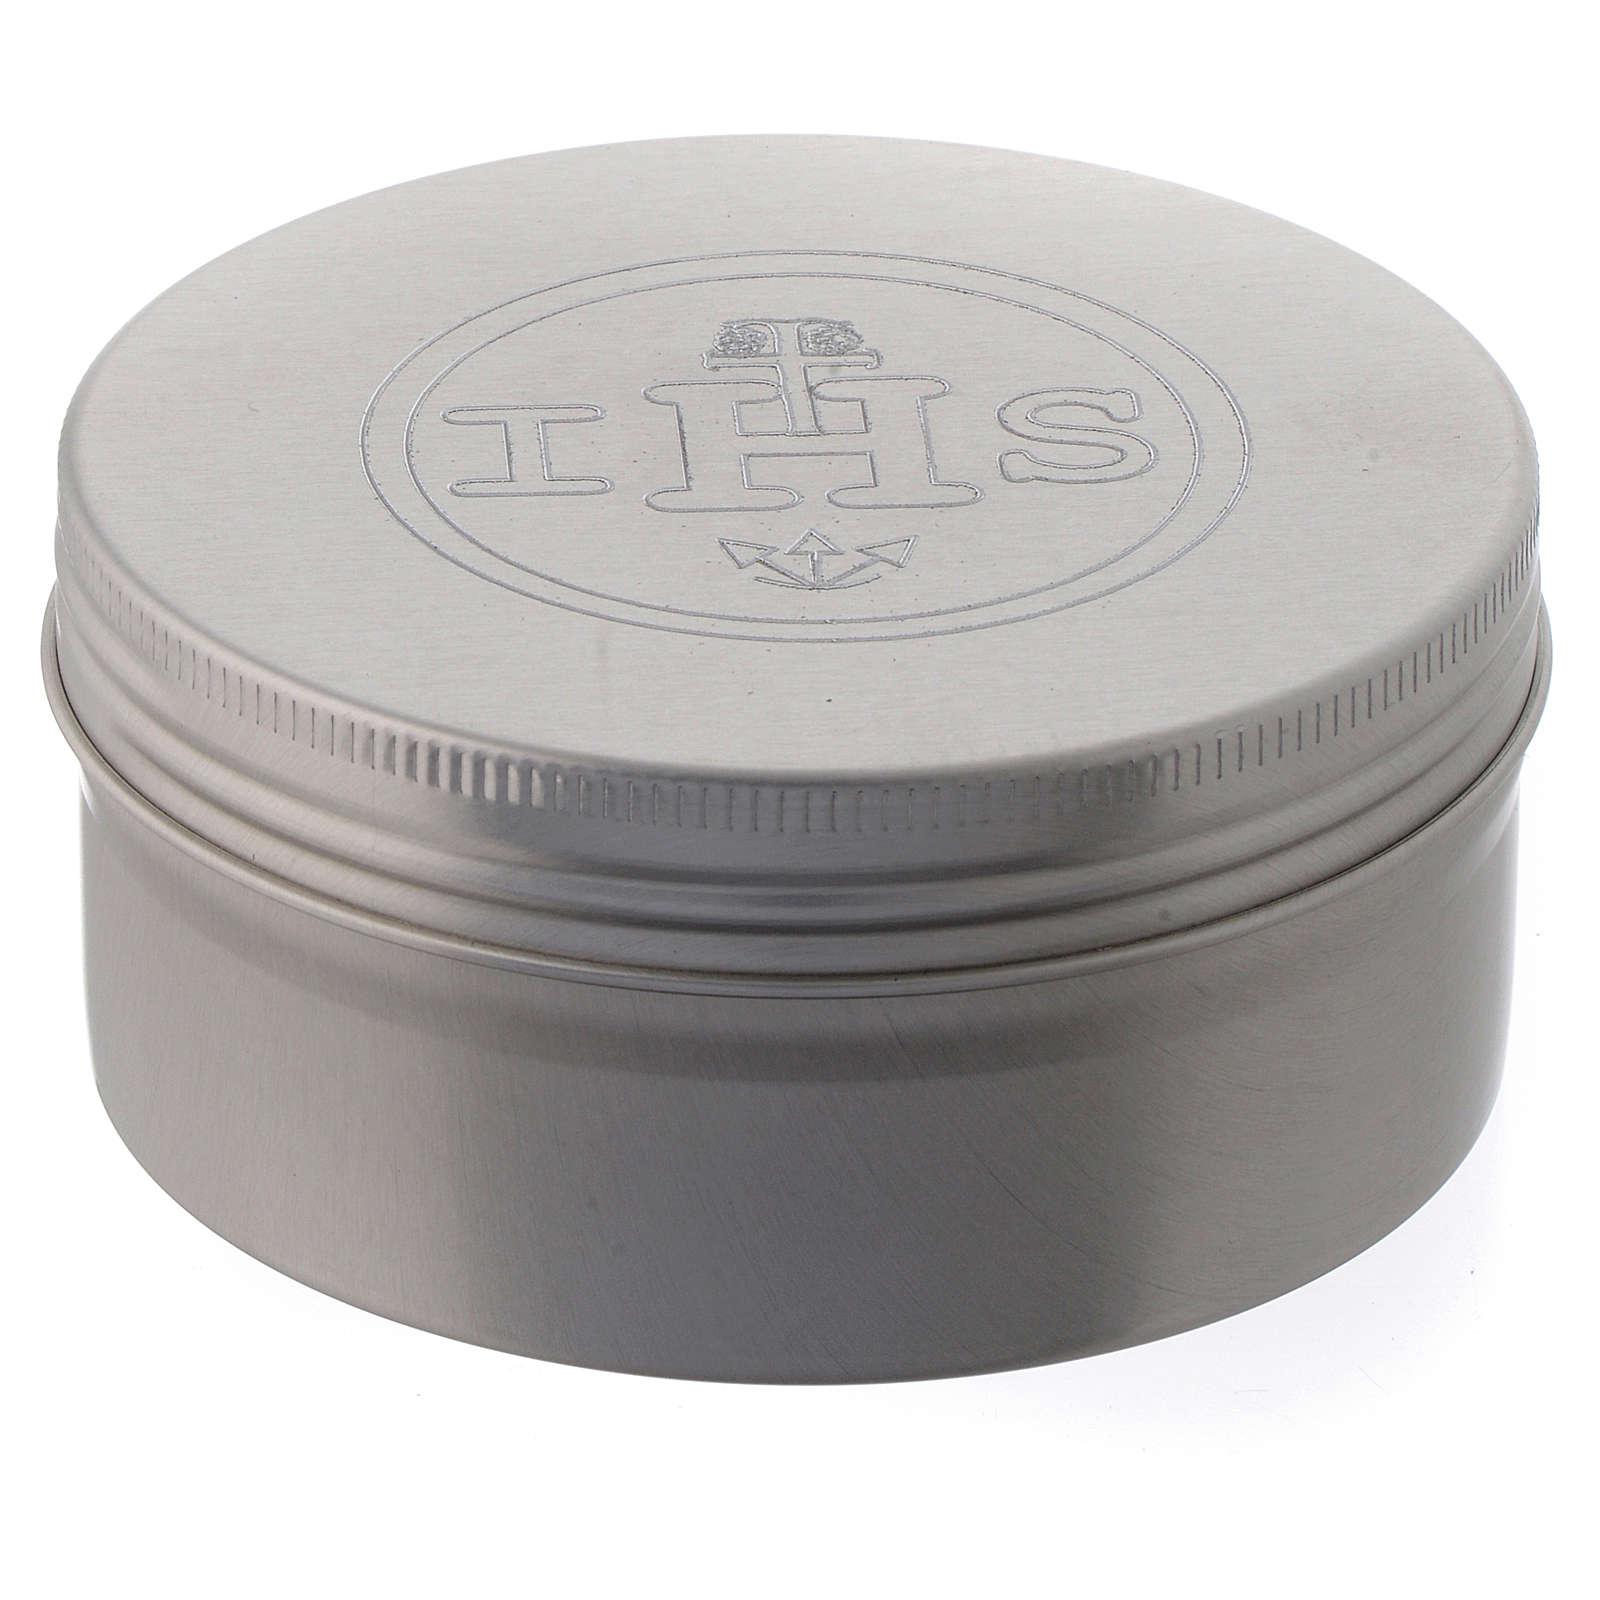 Caixa para hóstias em alumínio 3